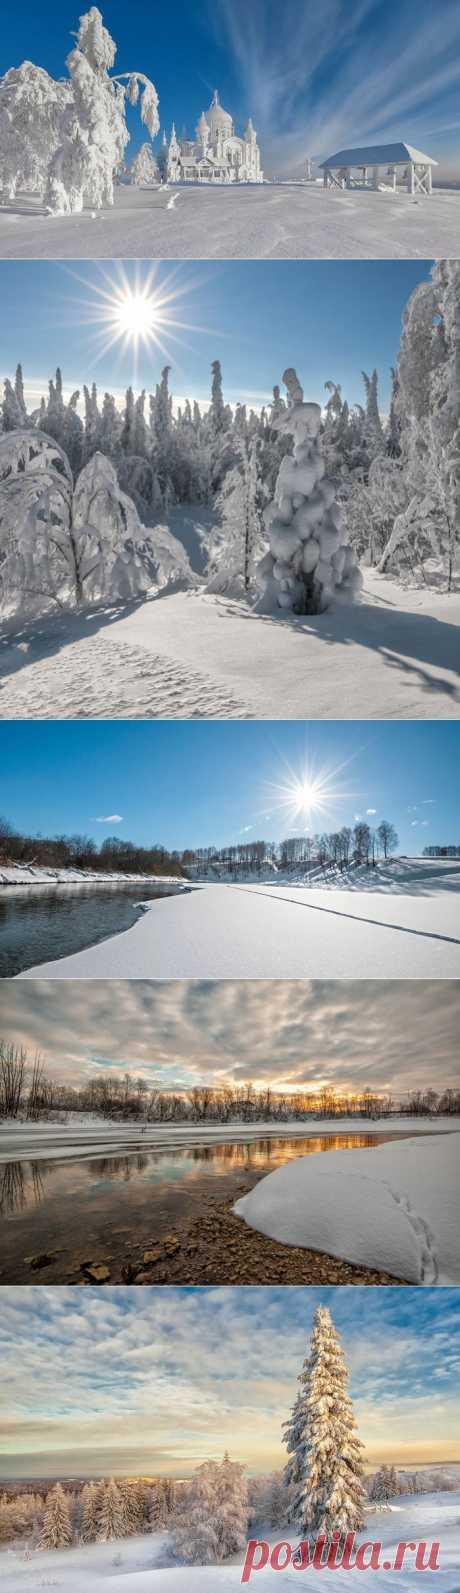 © Сказочная зима от фотографа Владимира Чуприкова.